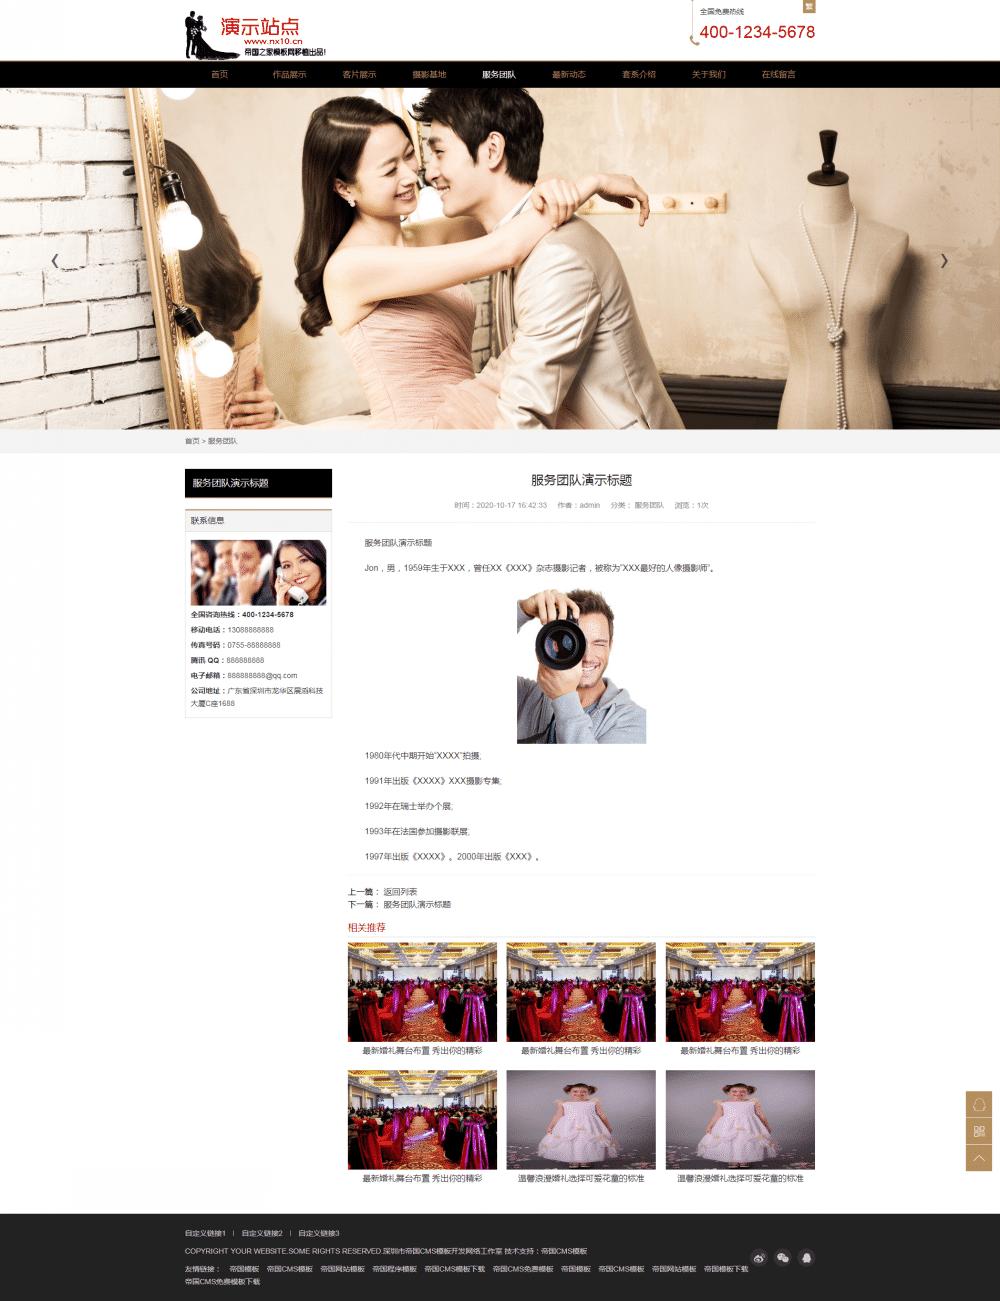 13团队详情页.png [DG-0163]帝国cms响应式婚纱摄影工作室模板 自适应婚纱摄影拍照模板 企业模板 第13张